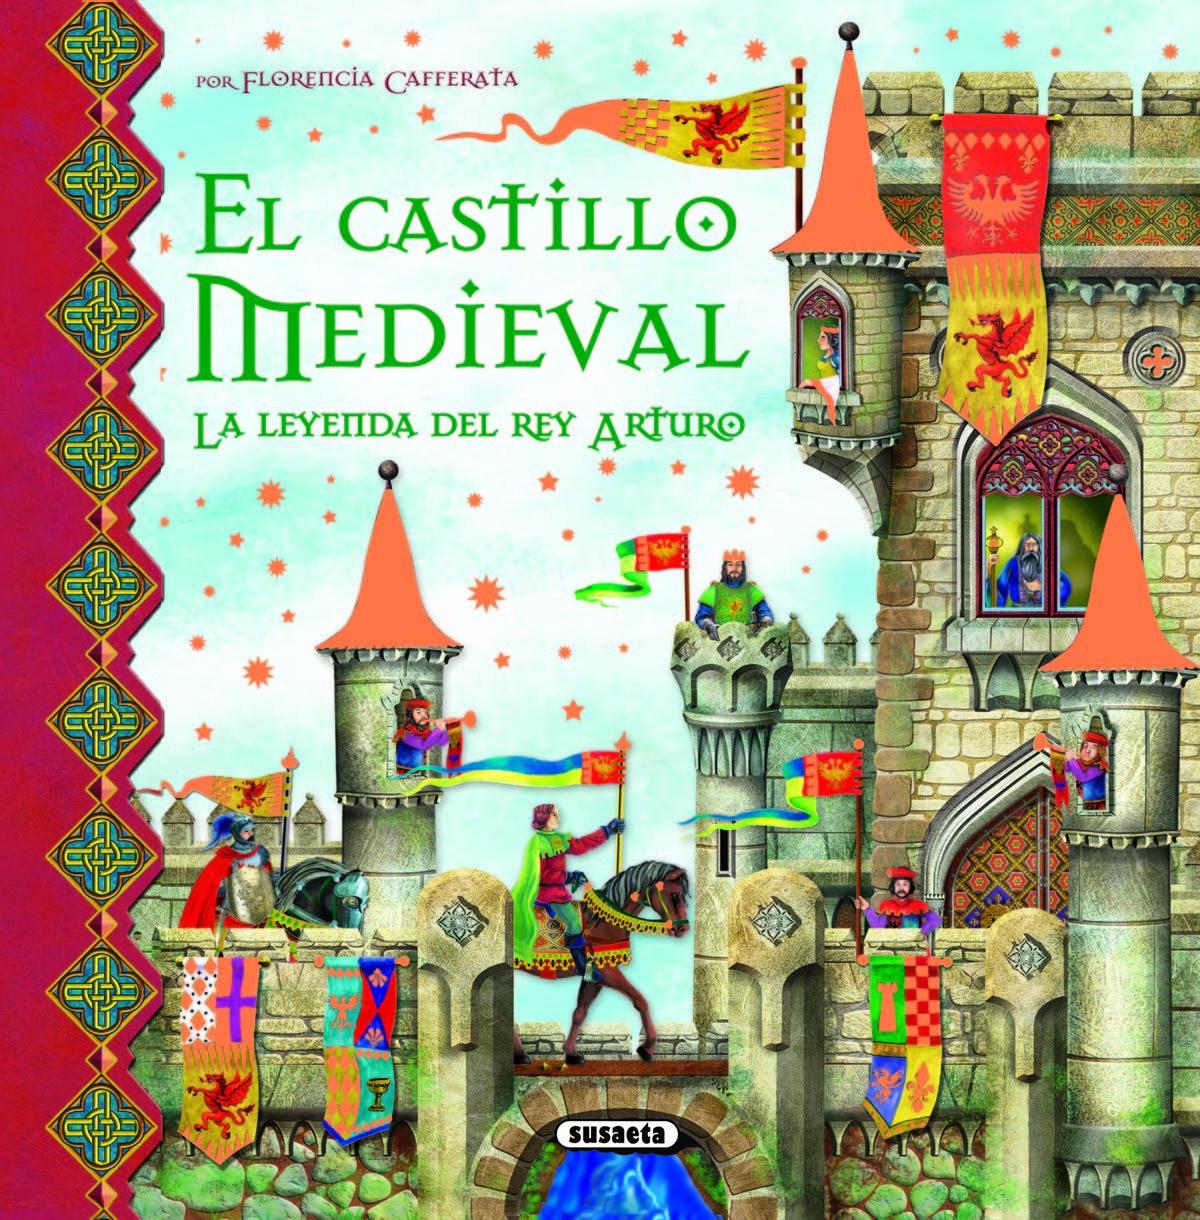 Castillo medieval.leyenda rey arturo.(escenarios fantasticos florencia cafferata